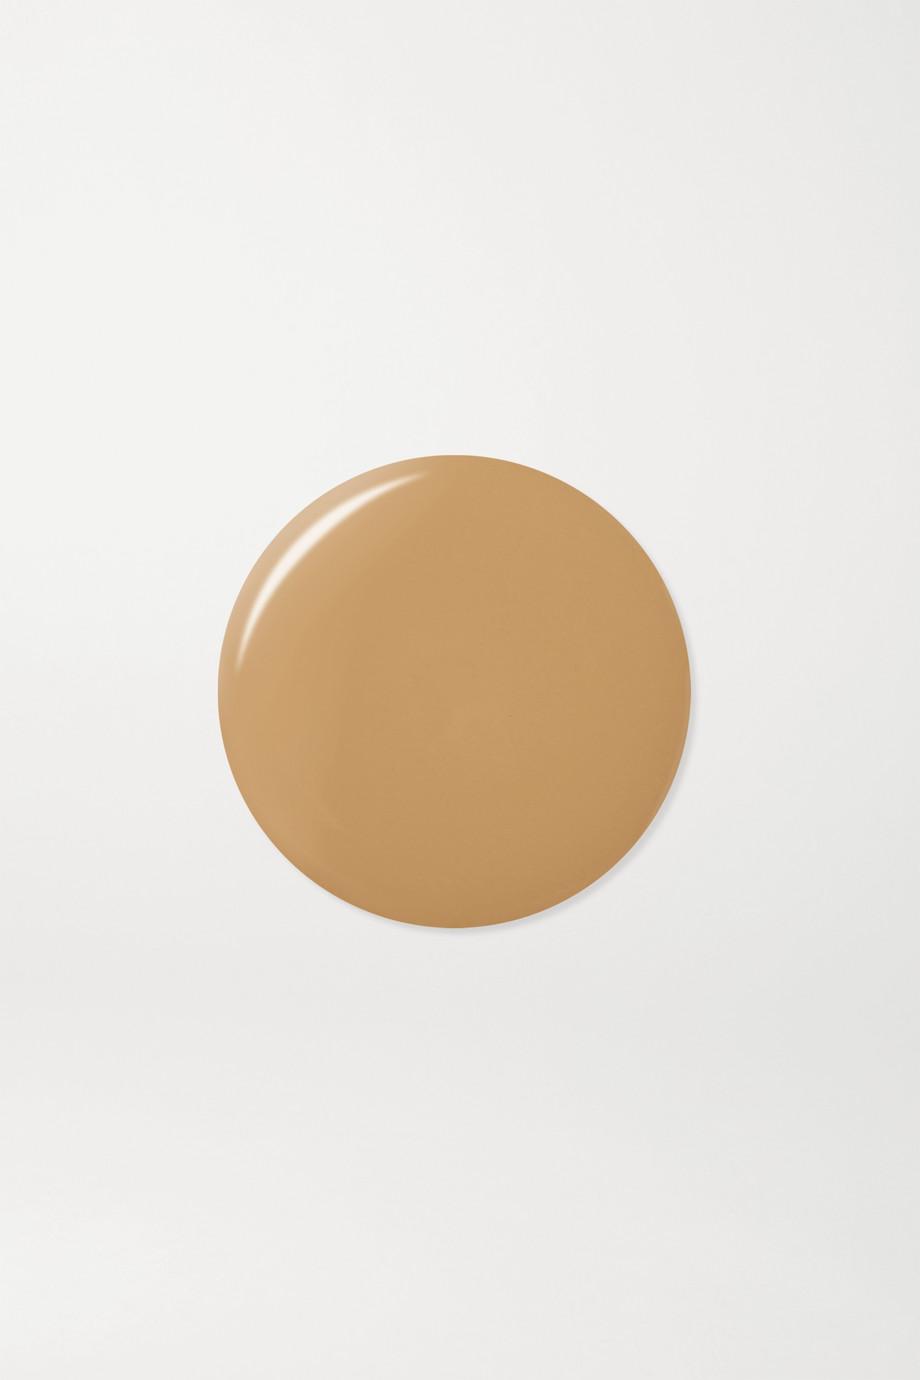 Kosas Huile teintée pour le visage, 30 ml, 5.5